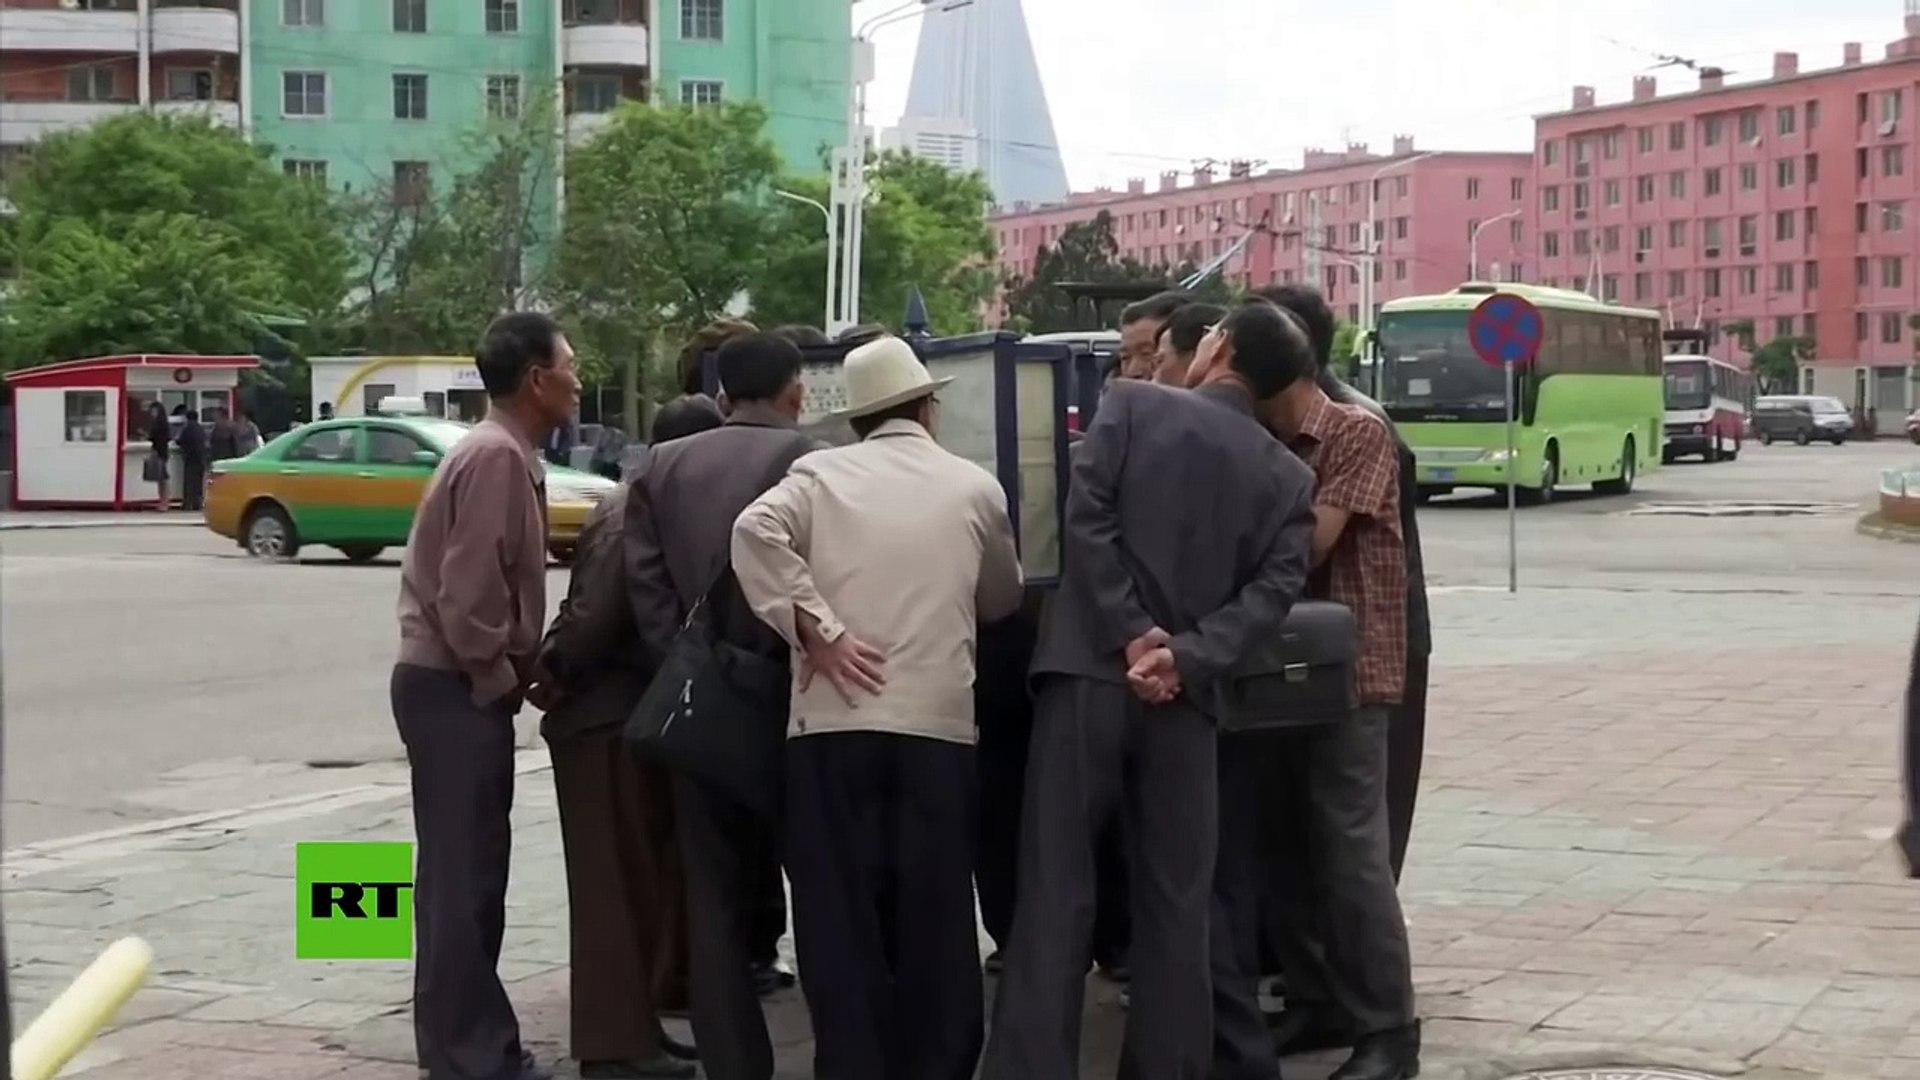 Lanzamiento del misil: Norcoreanos opinan sobre la prueba balística